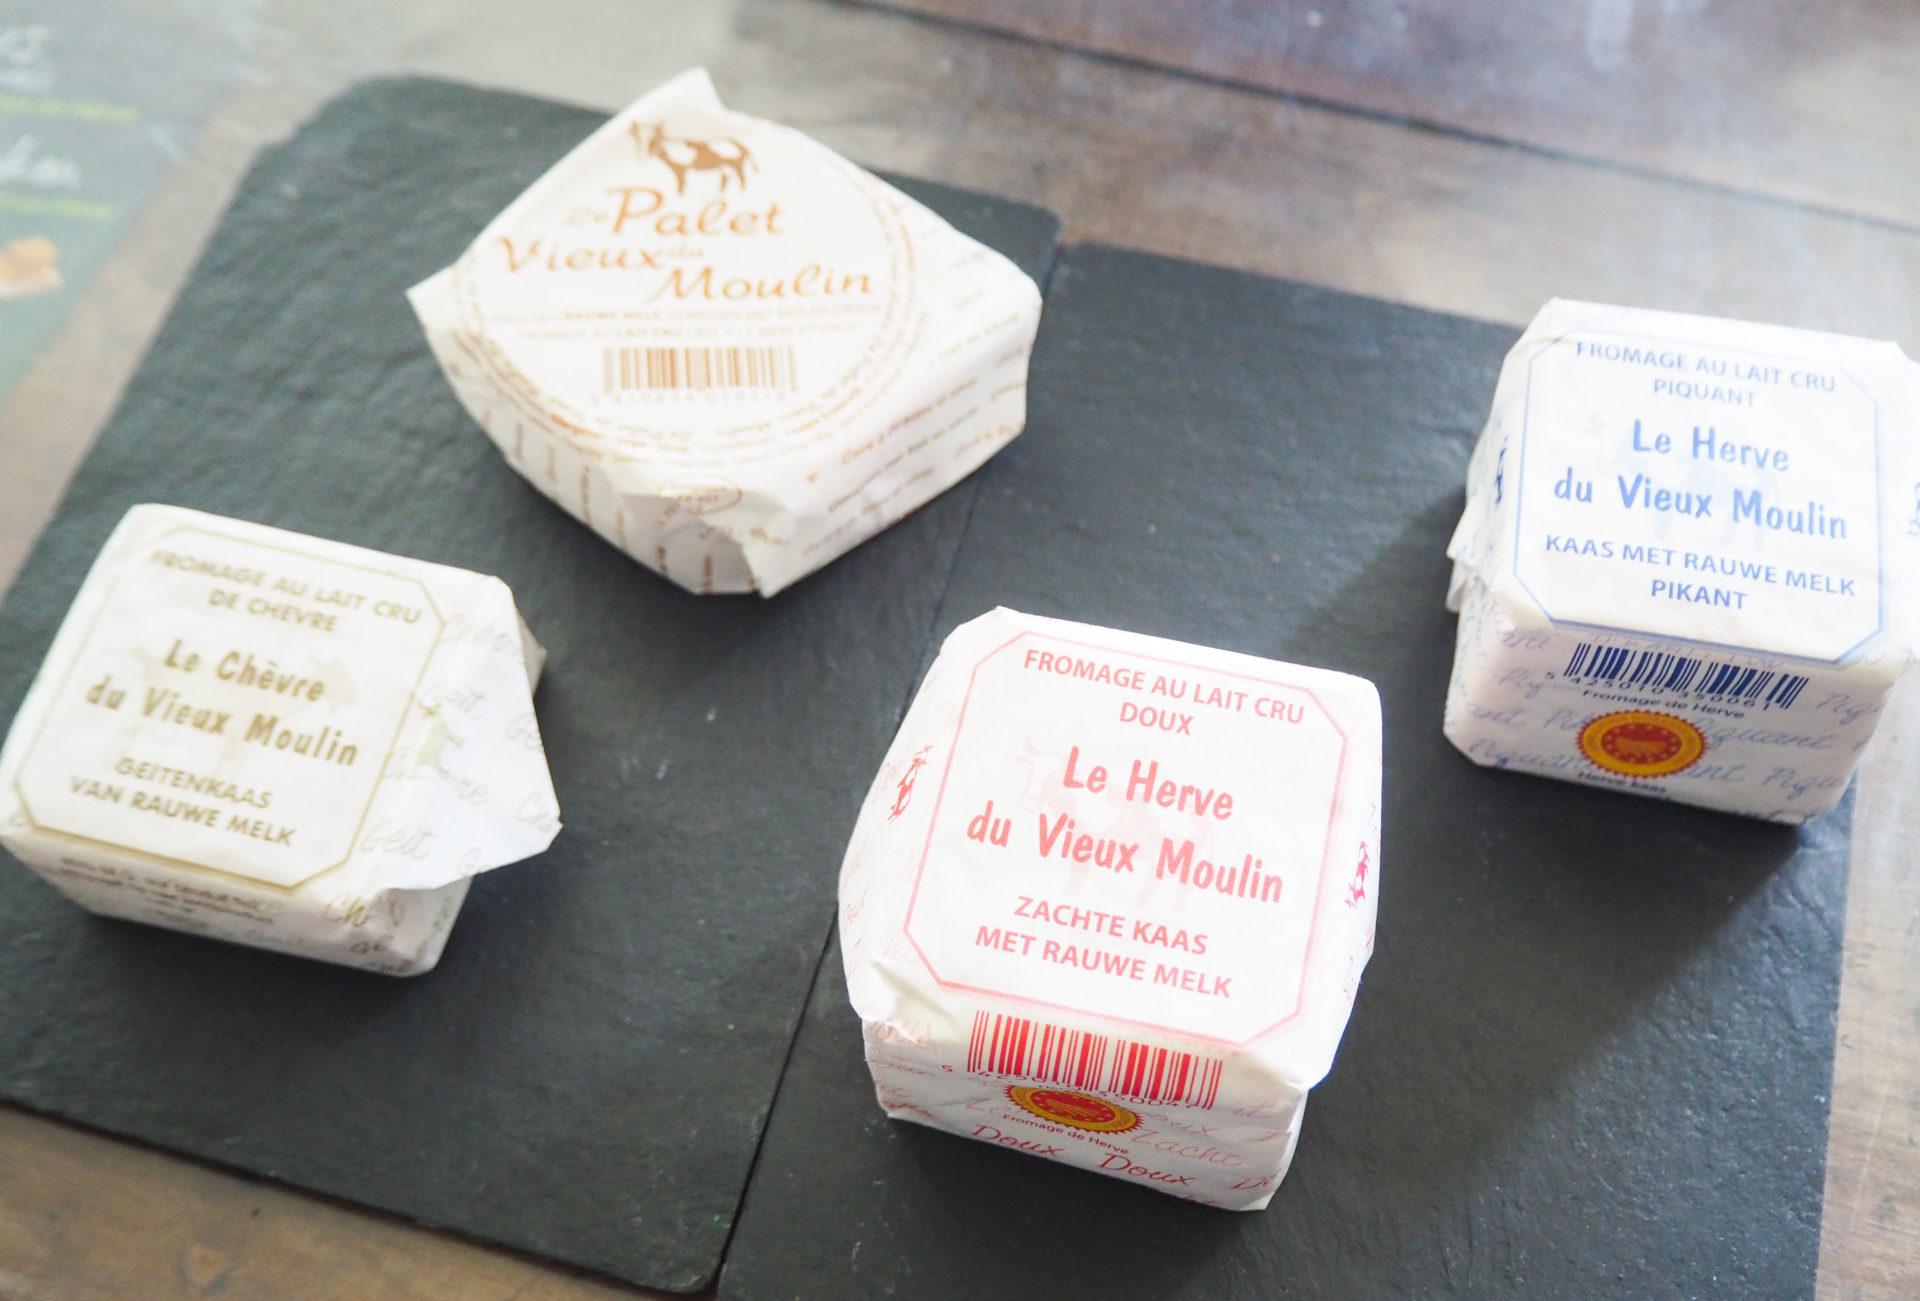 Fromagerie du Vieux Moulin - Ardenne Belge - Province de Liège - Voyage slow en Belgique